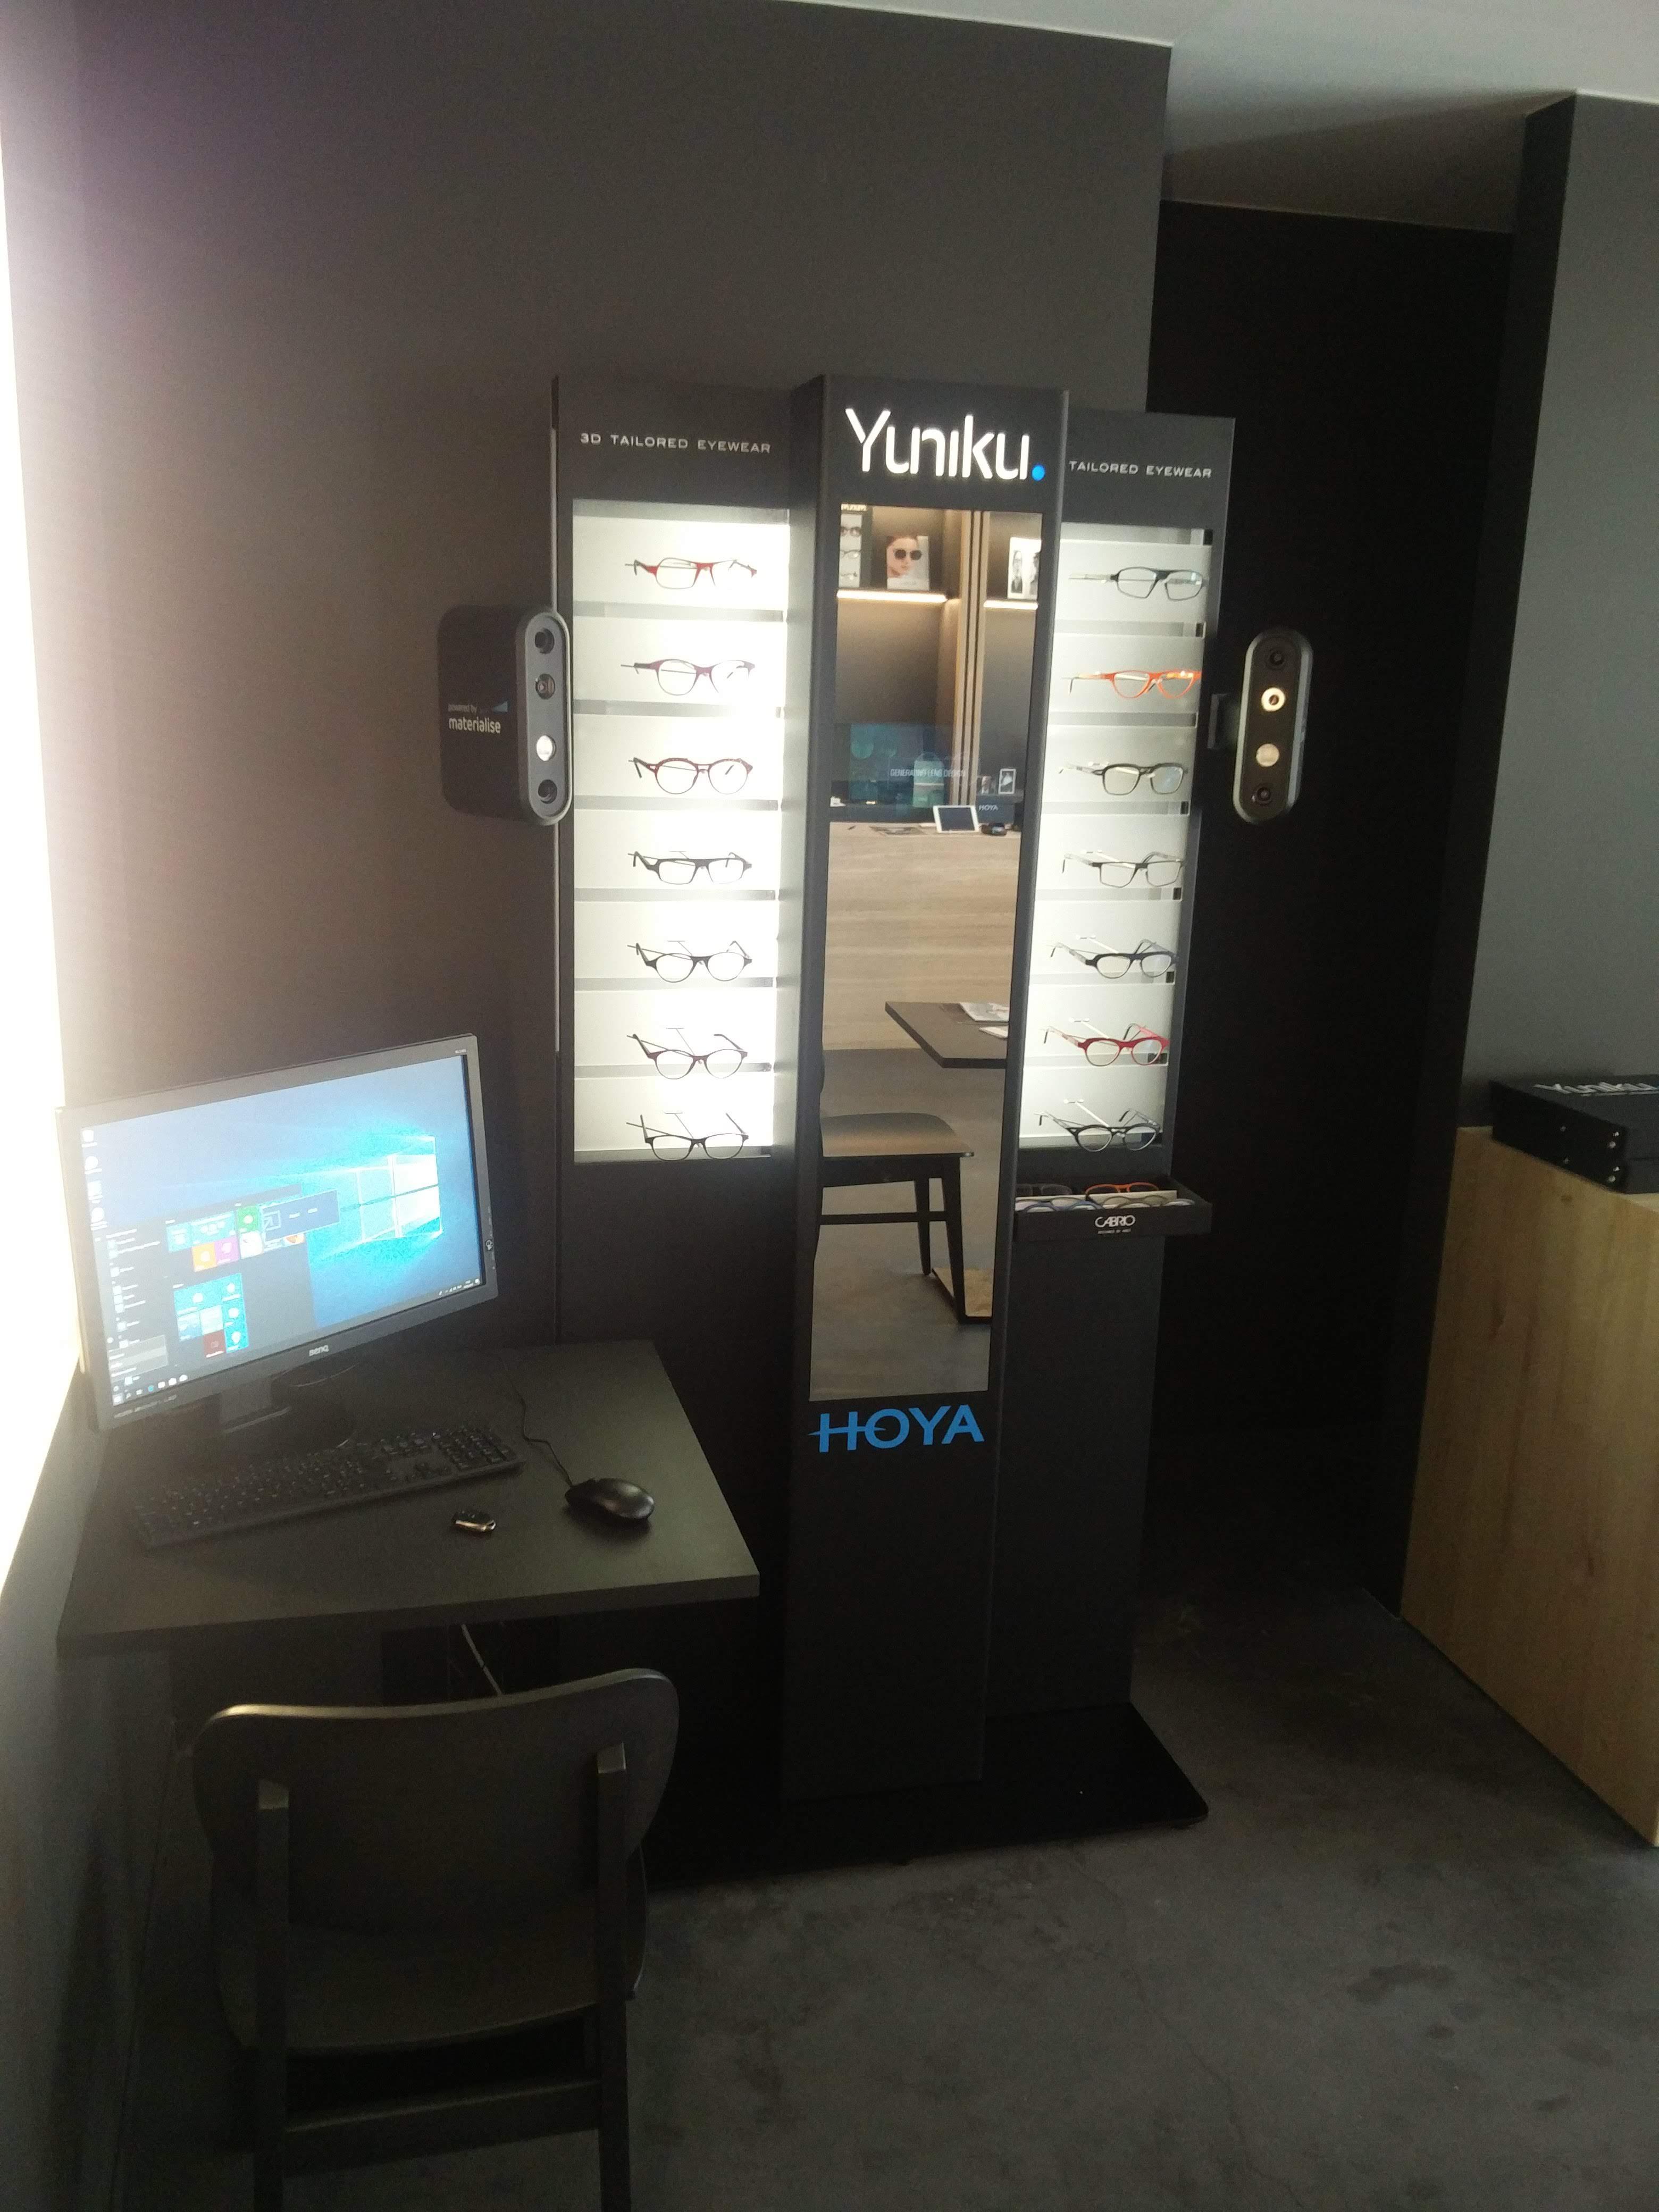 Nieuwe technologie in de winkel, Yuniku van Hoya!